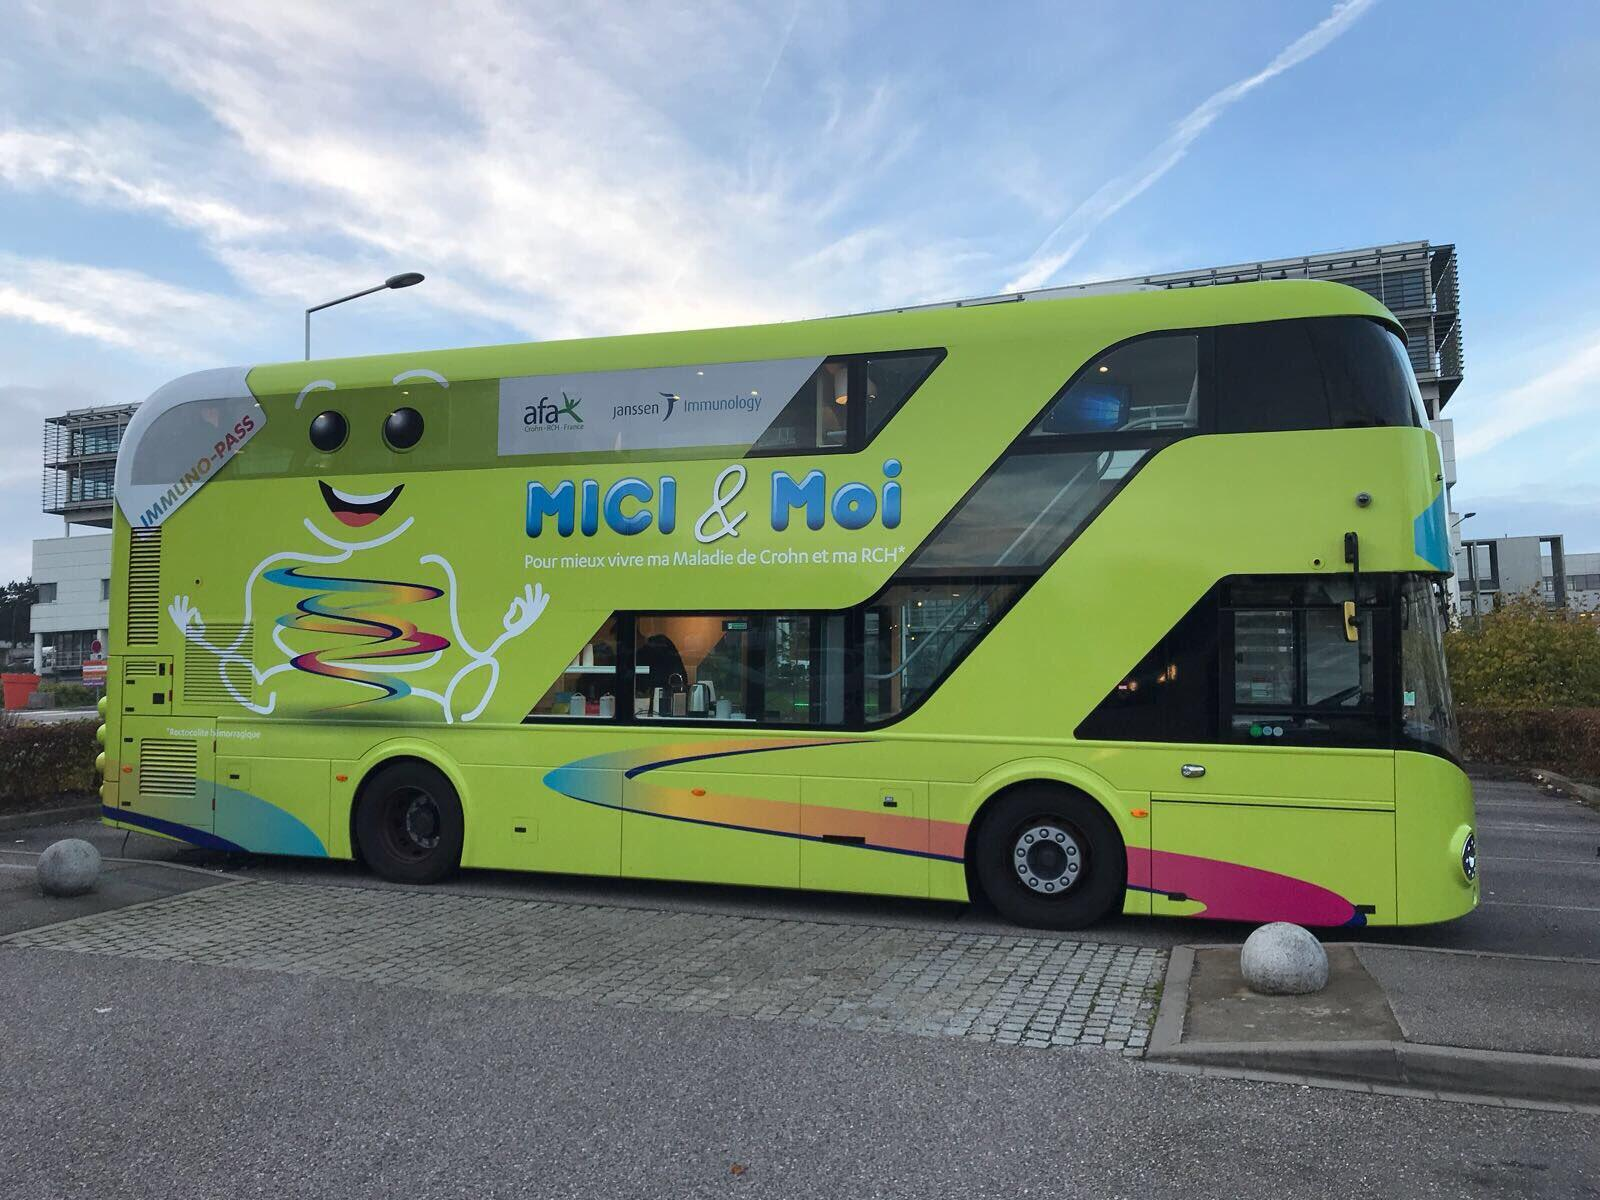 Le bus MICI&Moi reprend la route. Face à son succès en 2017, l'opération d'information et de sensibilisation sur la maladie de Crohn sera reconduite en 2018.